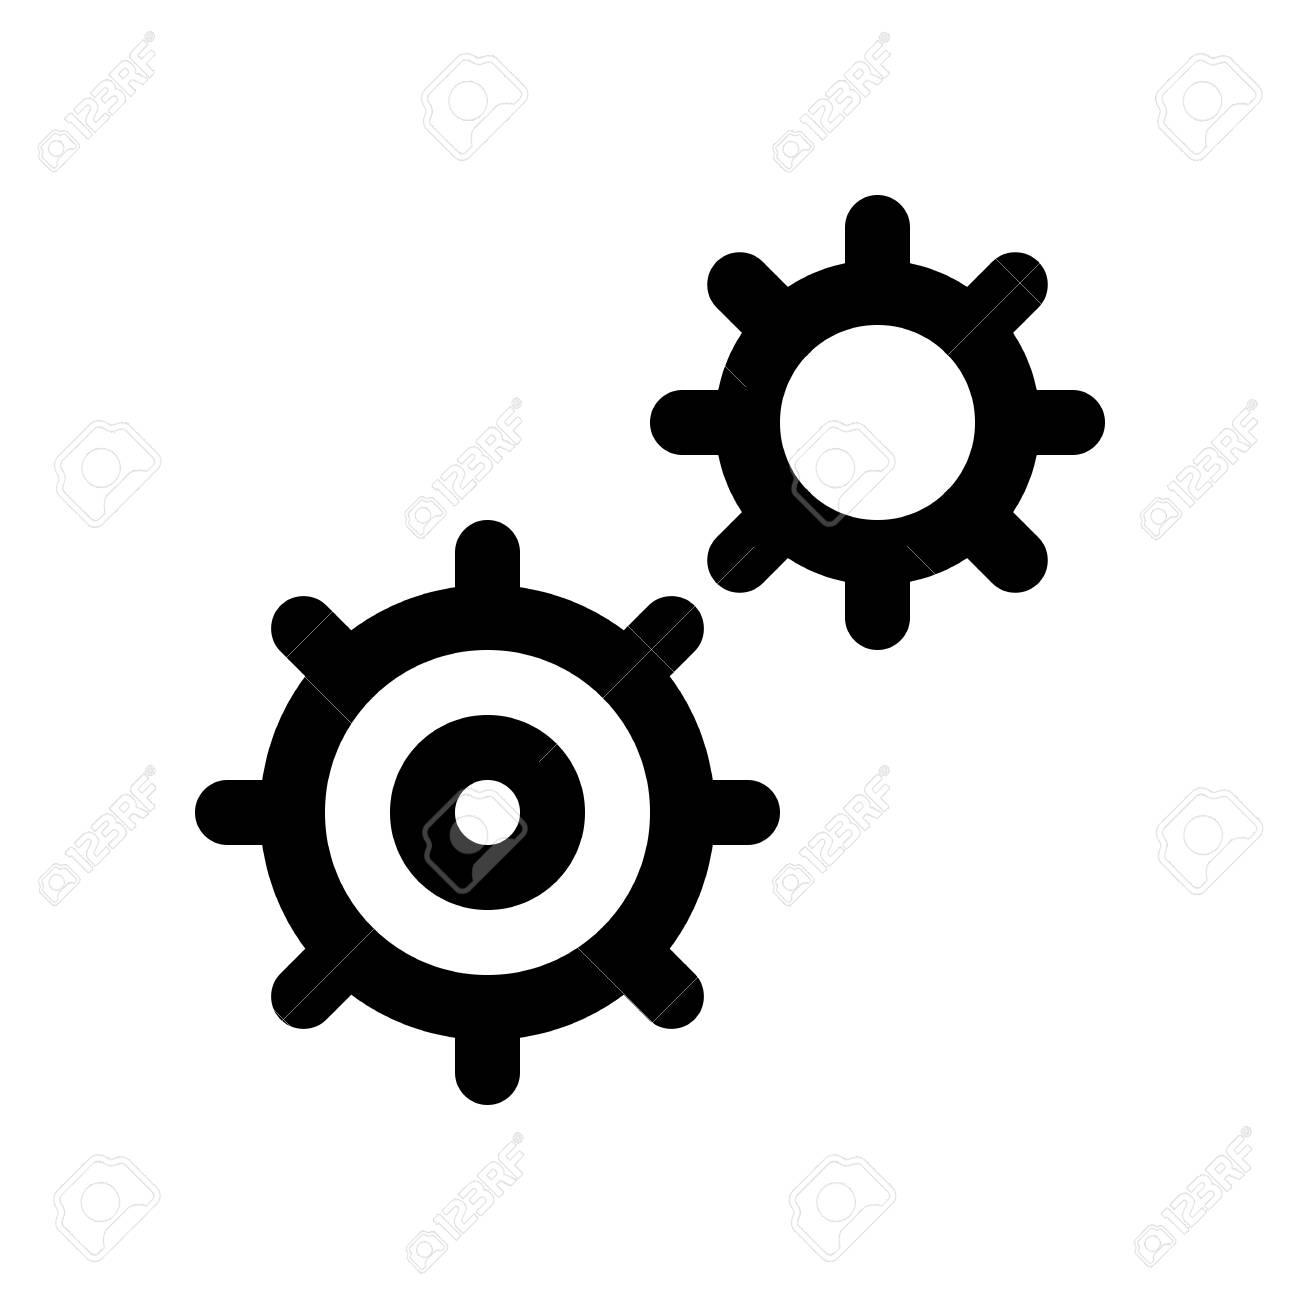 gears - 126905402